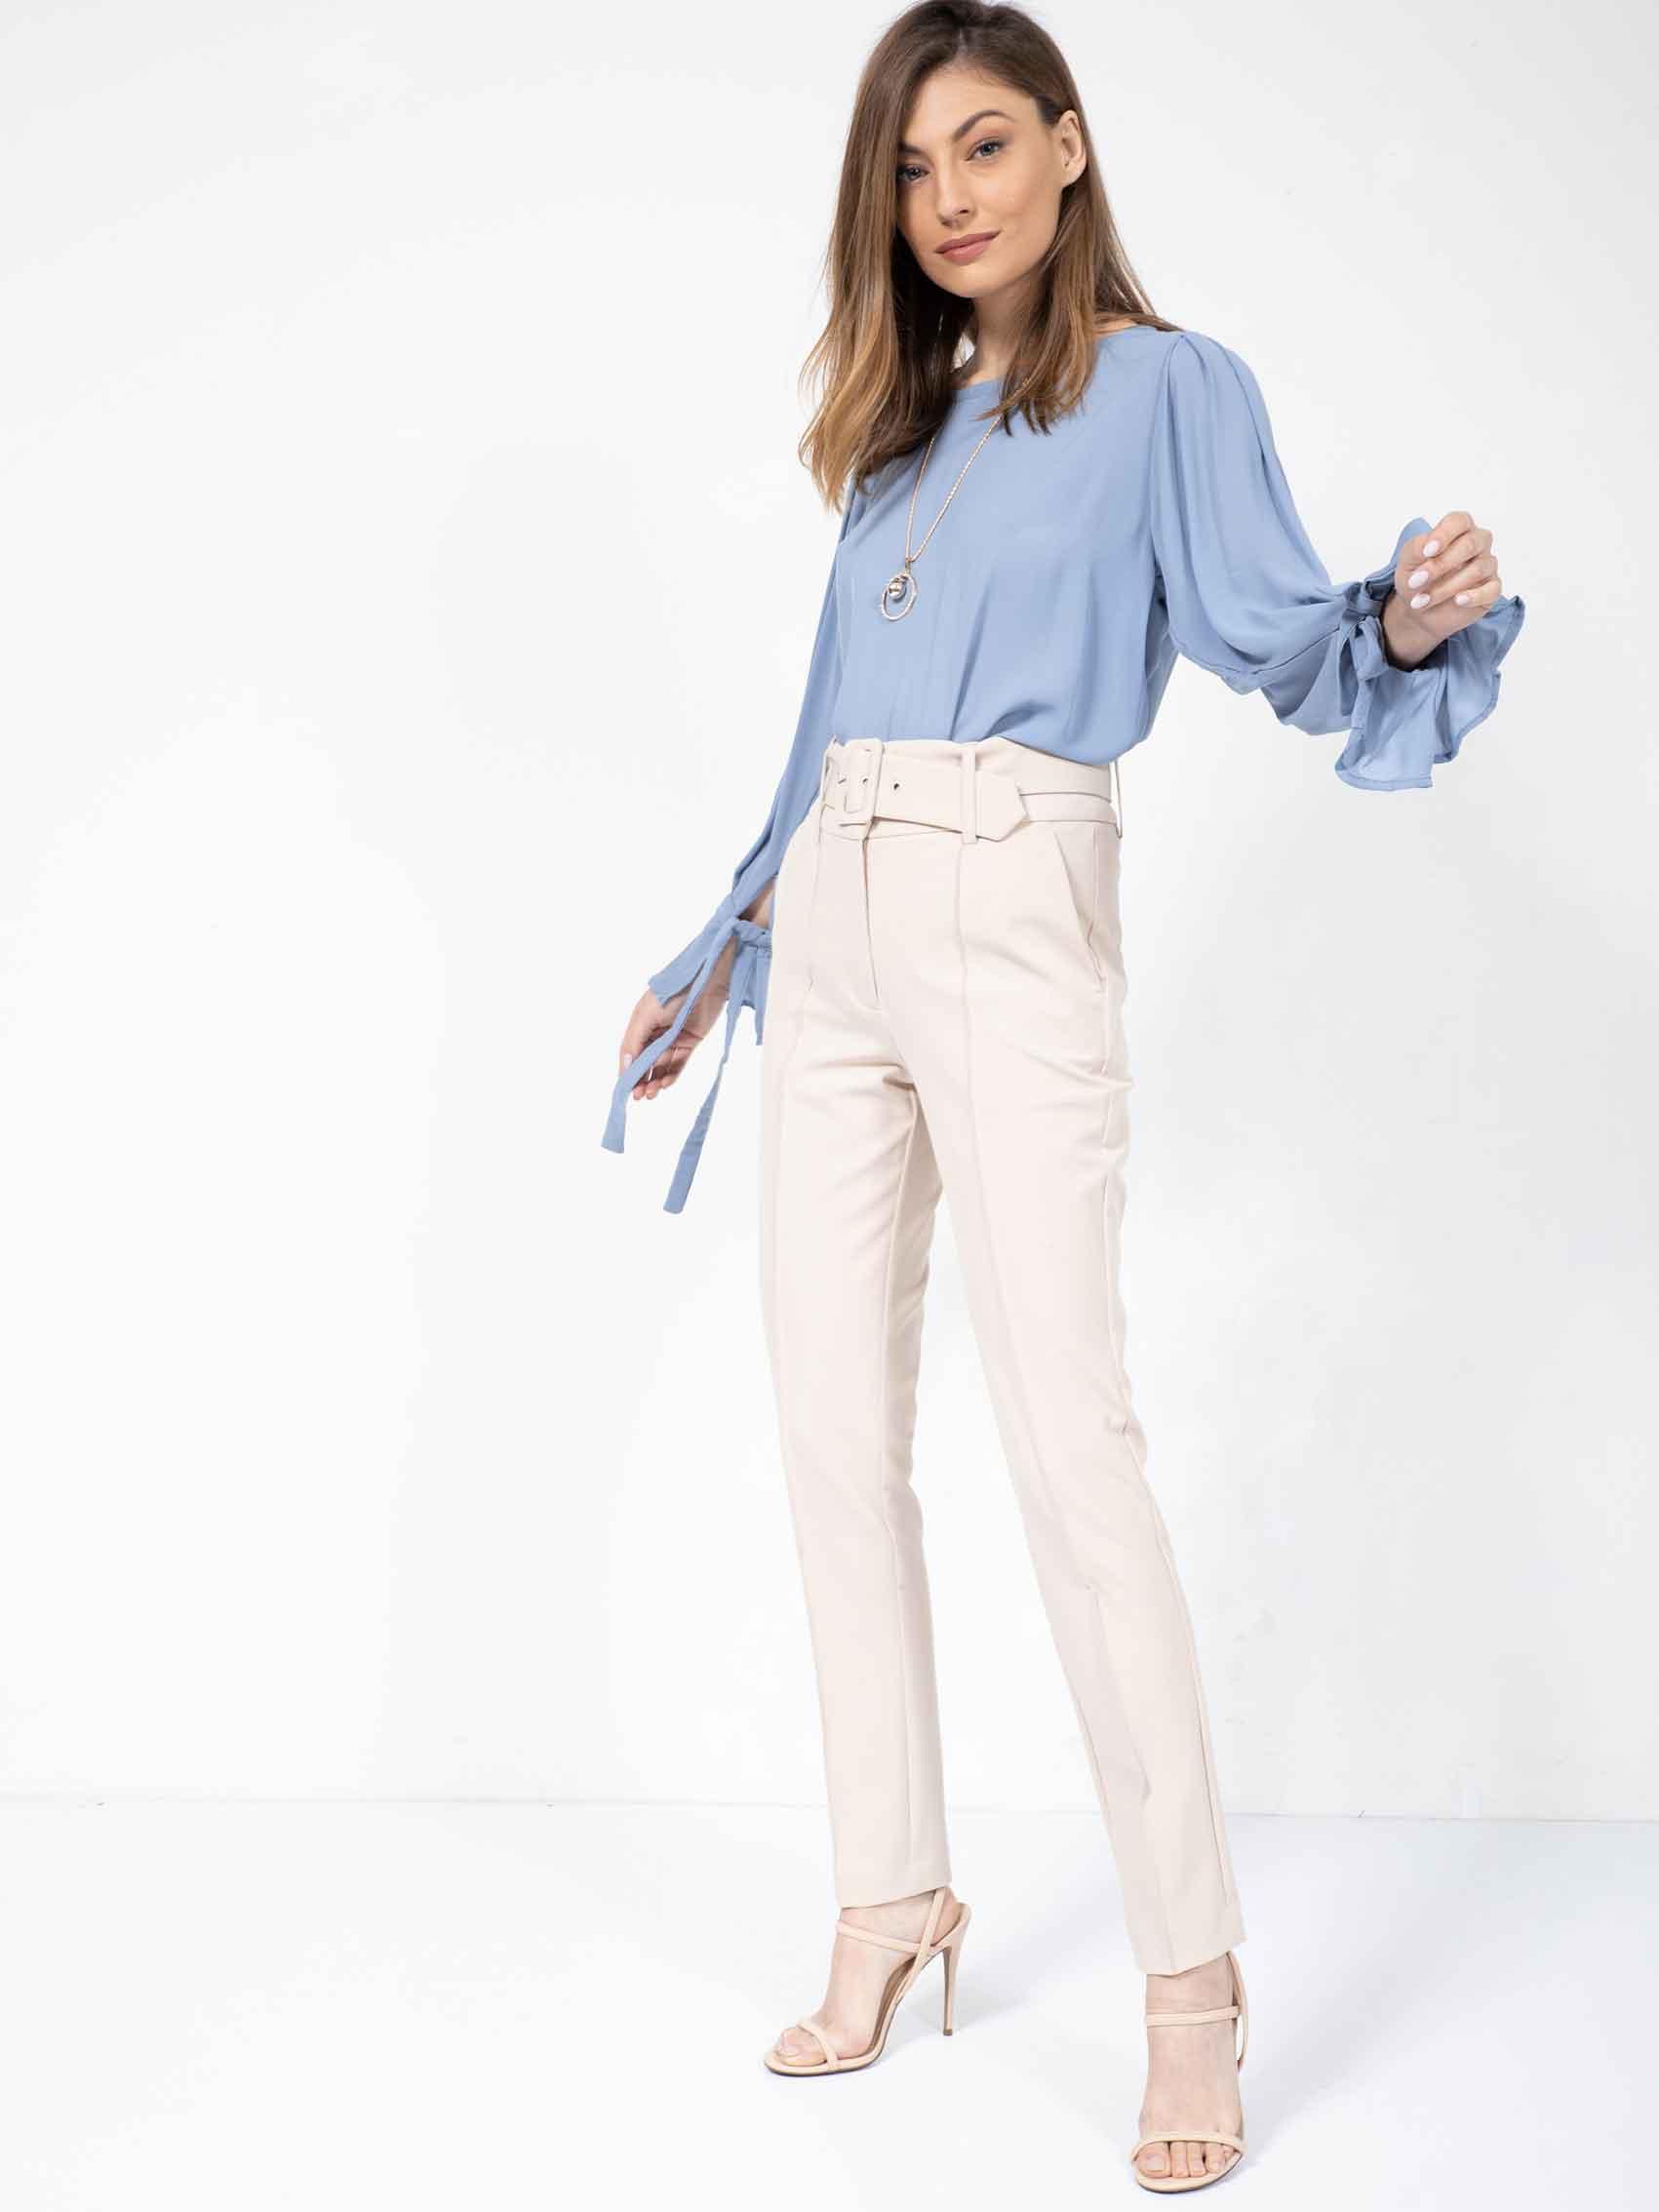 גולברי 2021-אופנה ישראלית